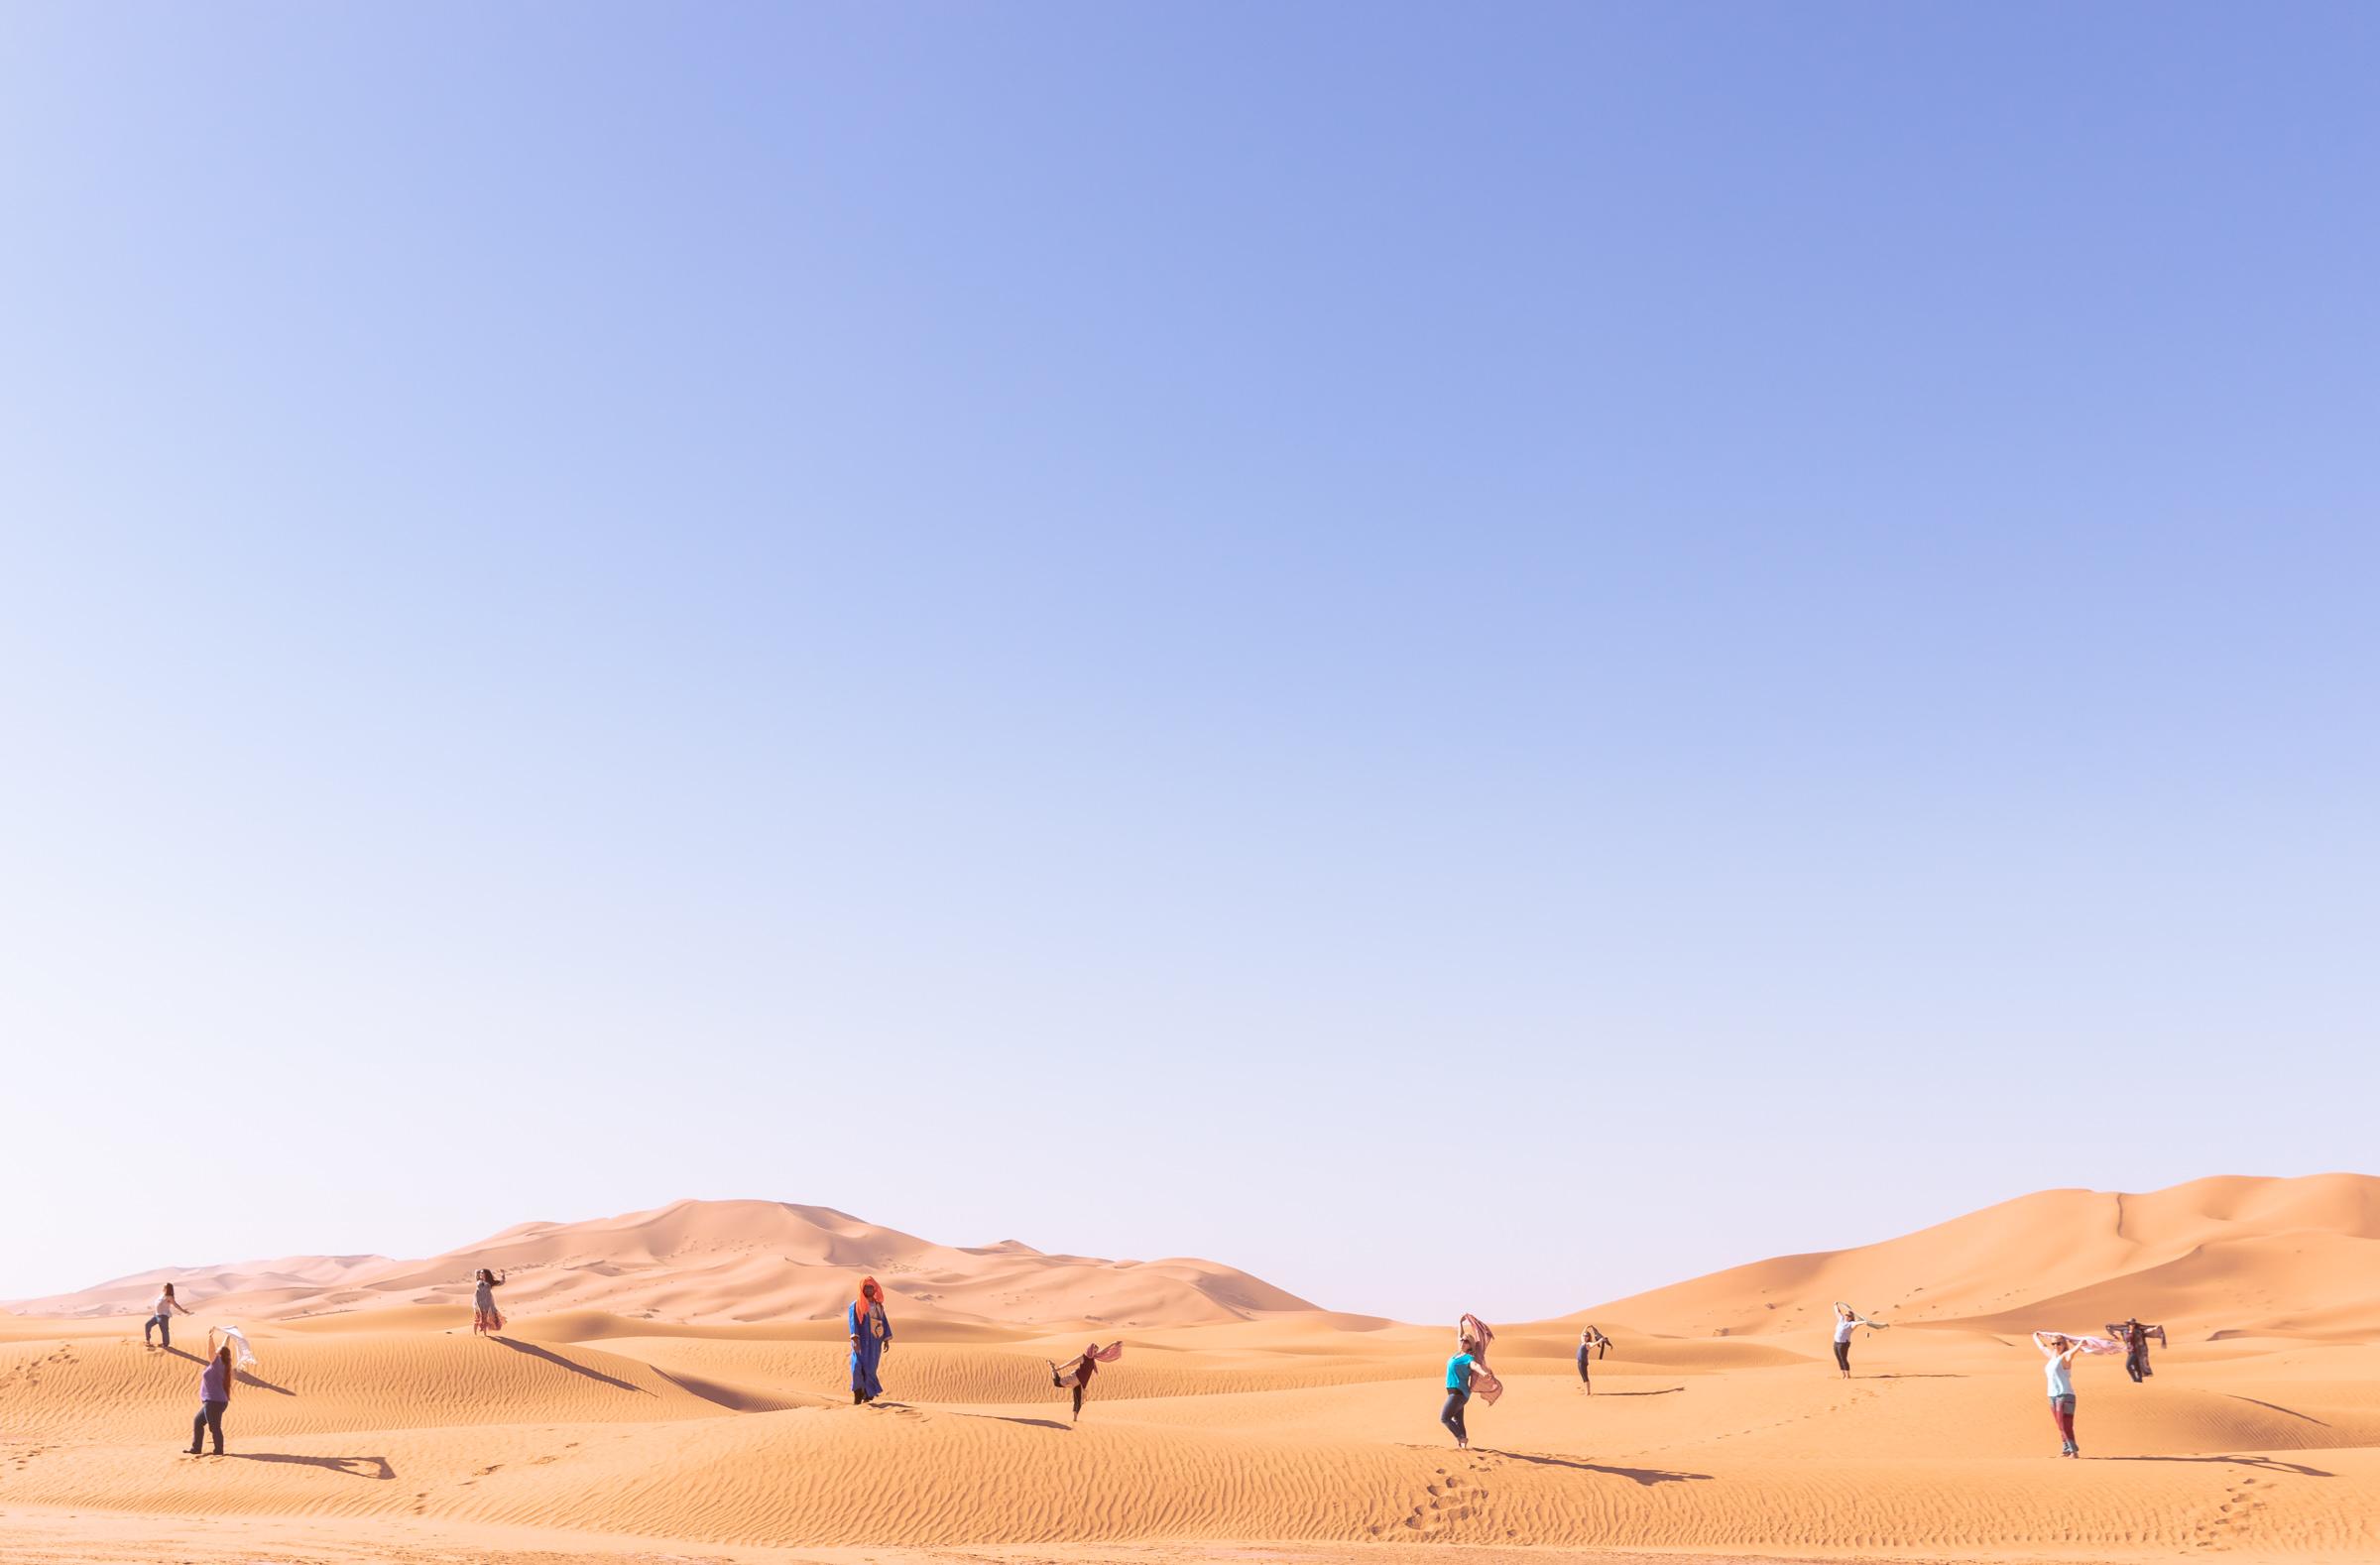 Sahara sand dunes, Morocco